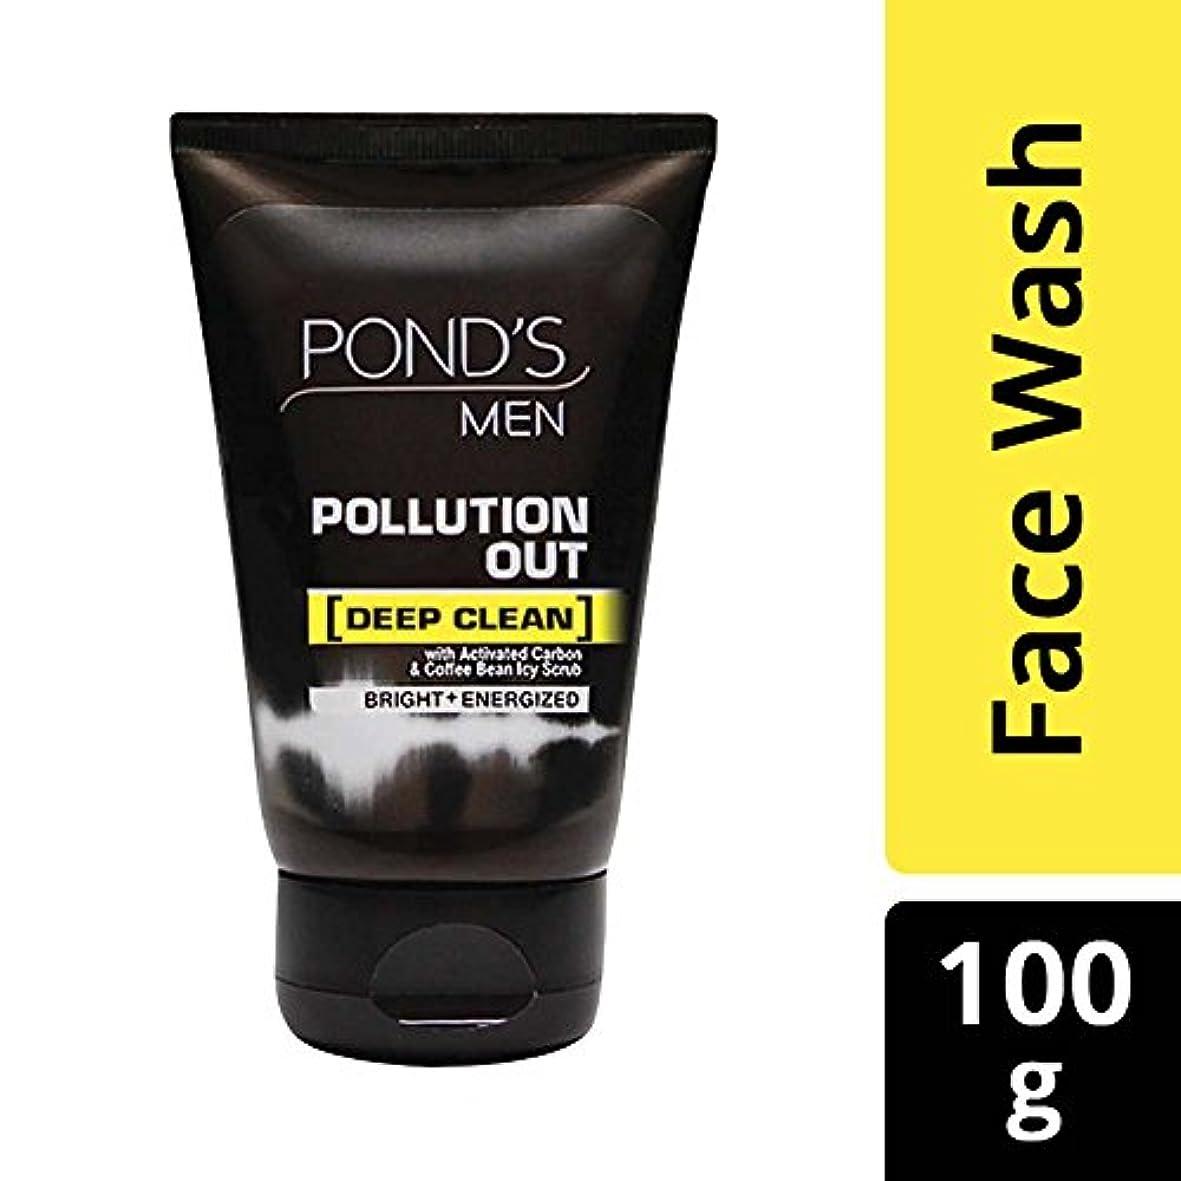 類推匿名カフェPond's Men Pollution Out Face Wash, Feel Fresh 100gm